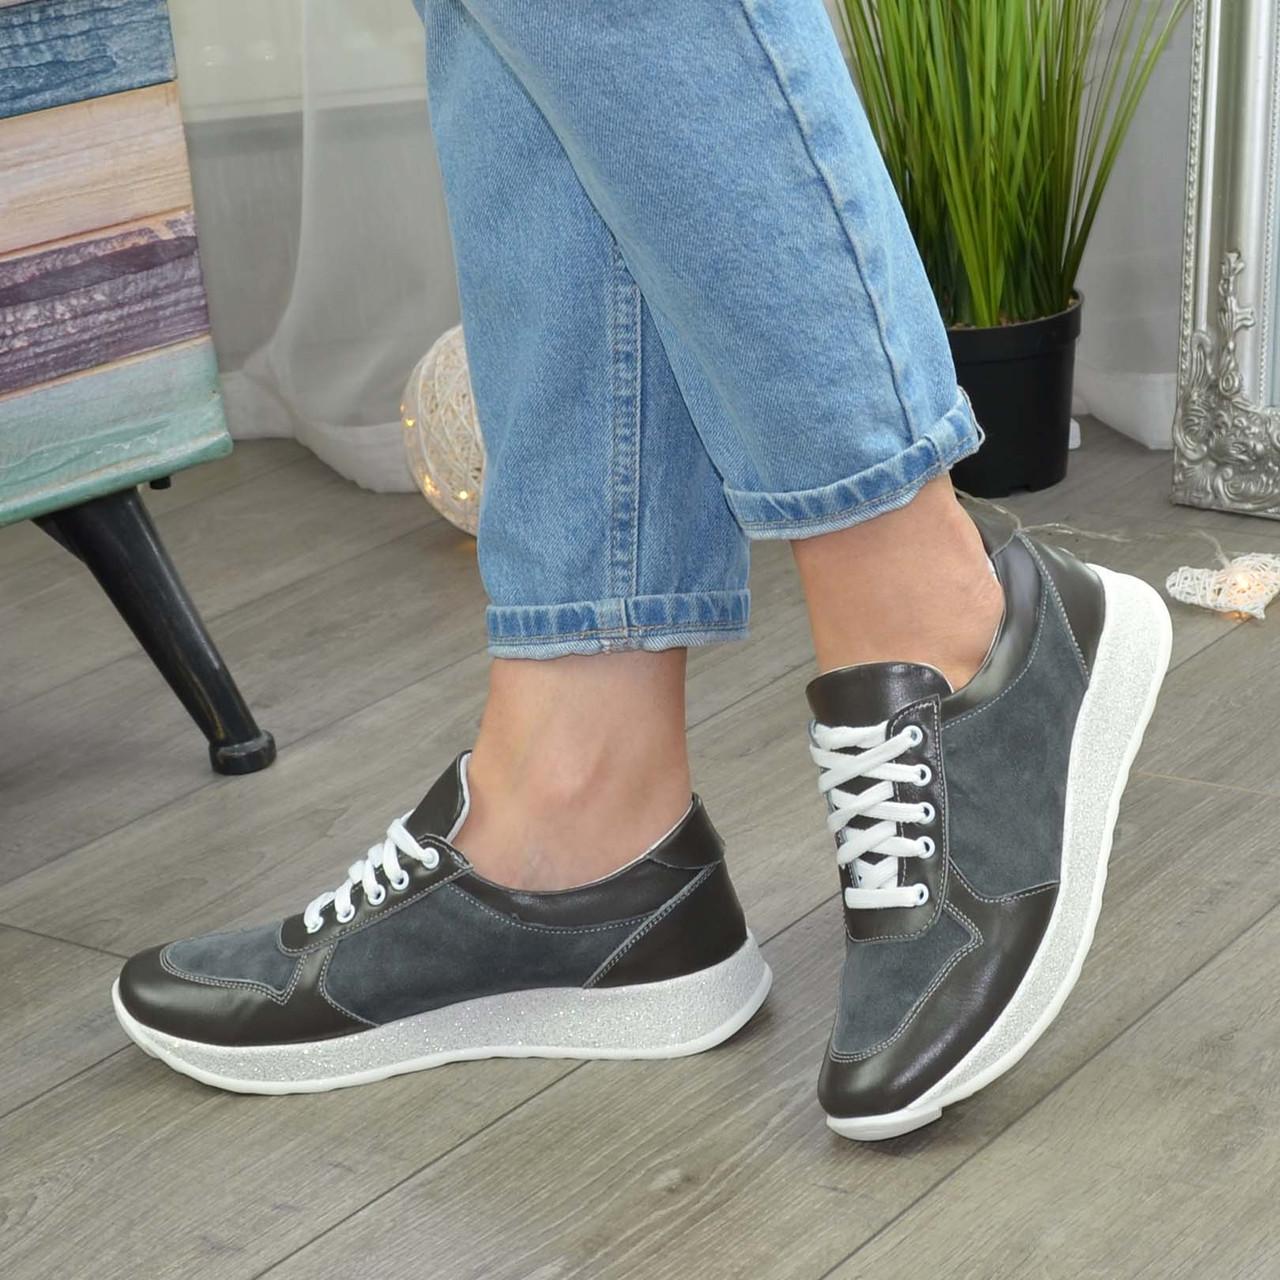 Стильные кроссовки женские на шнуровке, цвет серый